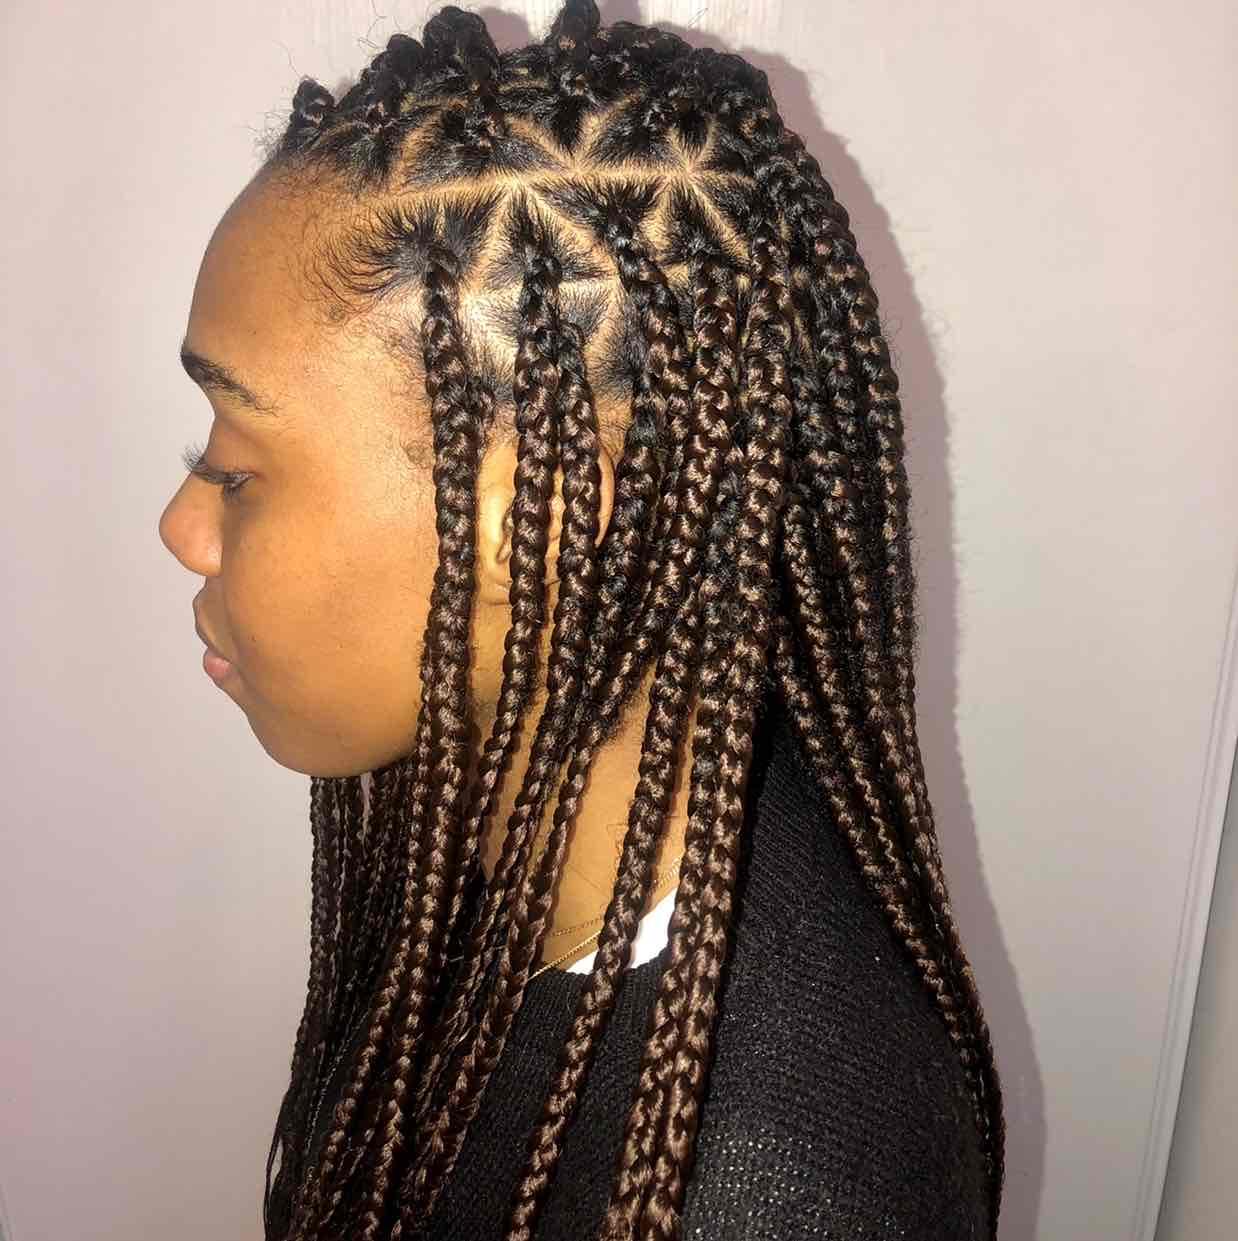 salon de coiffure afro tresse tresses box braids crochet braids vanilles tissages paris 75 77 78 91 92 93 94 95 VCSOWSCI